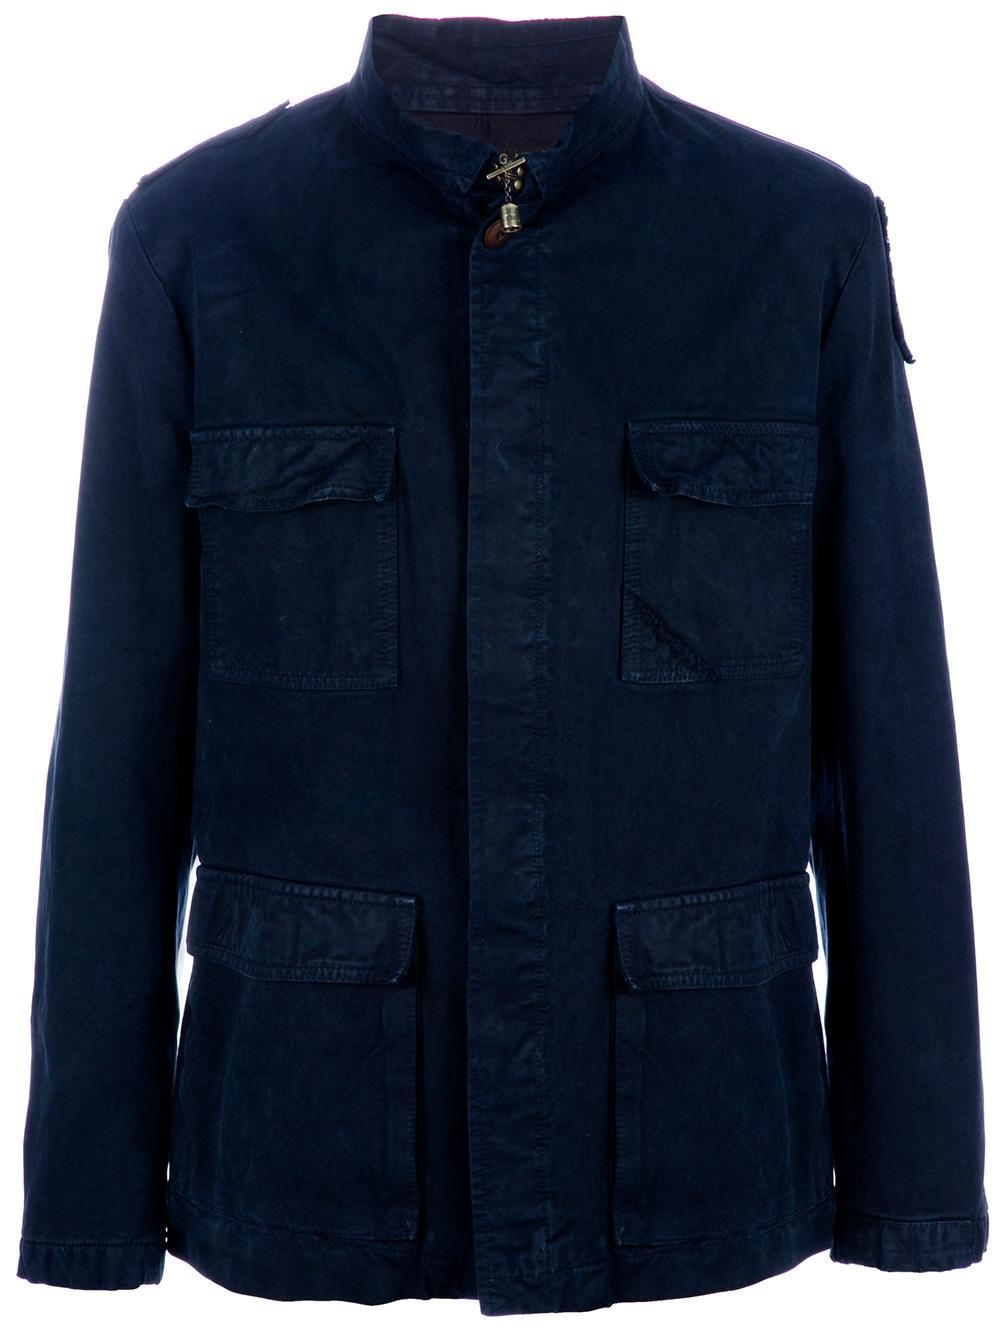 Lyst Dondup Field Jacket In Blue For Men